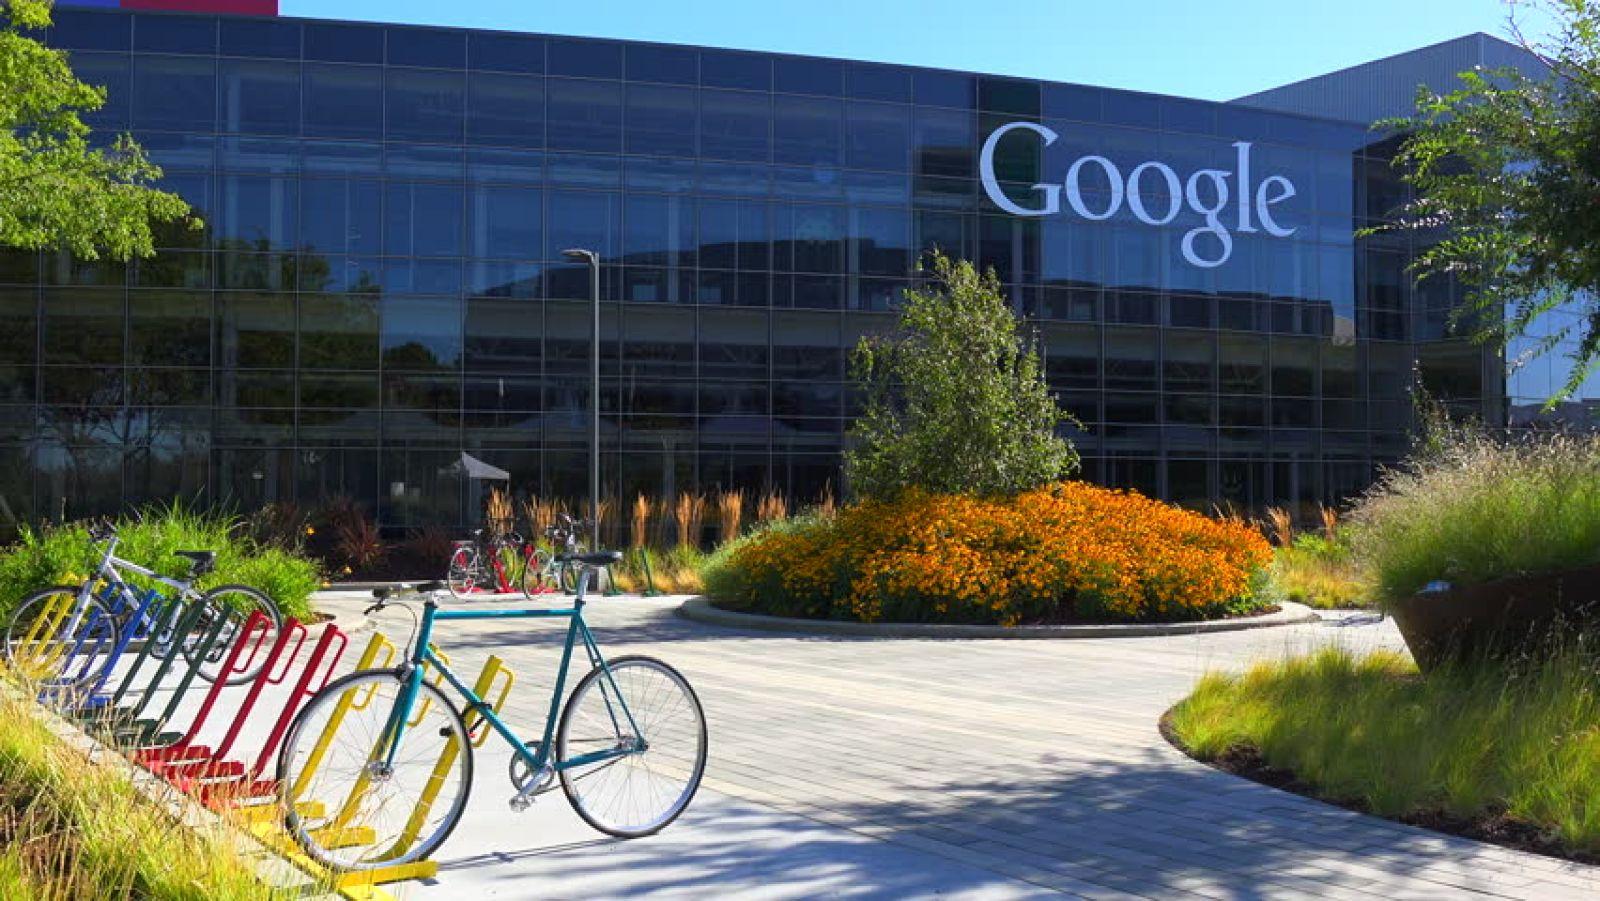 Các trường đại học Mỹ có thế mạnh về lĩnh vực công nghệ phần mềm hay kỹ sư thông tin đều được Google tìm đến lựa chọn nhân tài